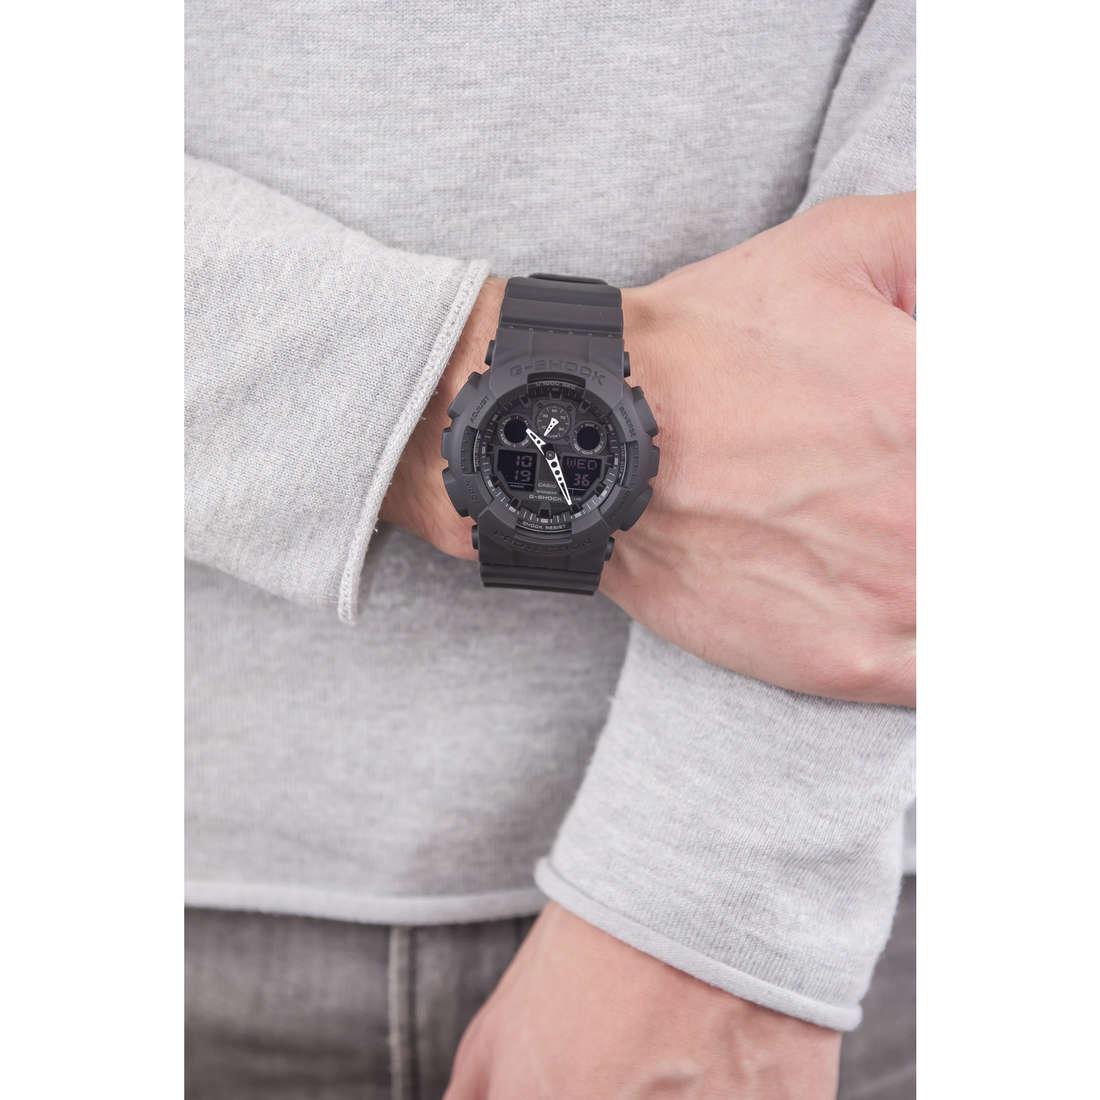 Casio numériques G-Shock homme GA-100-1A1ER photo wearing